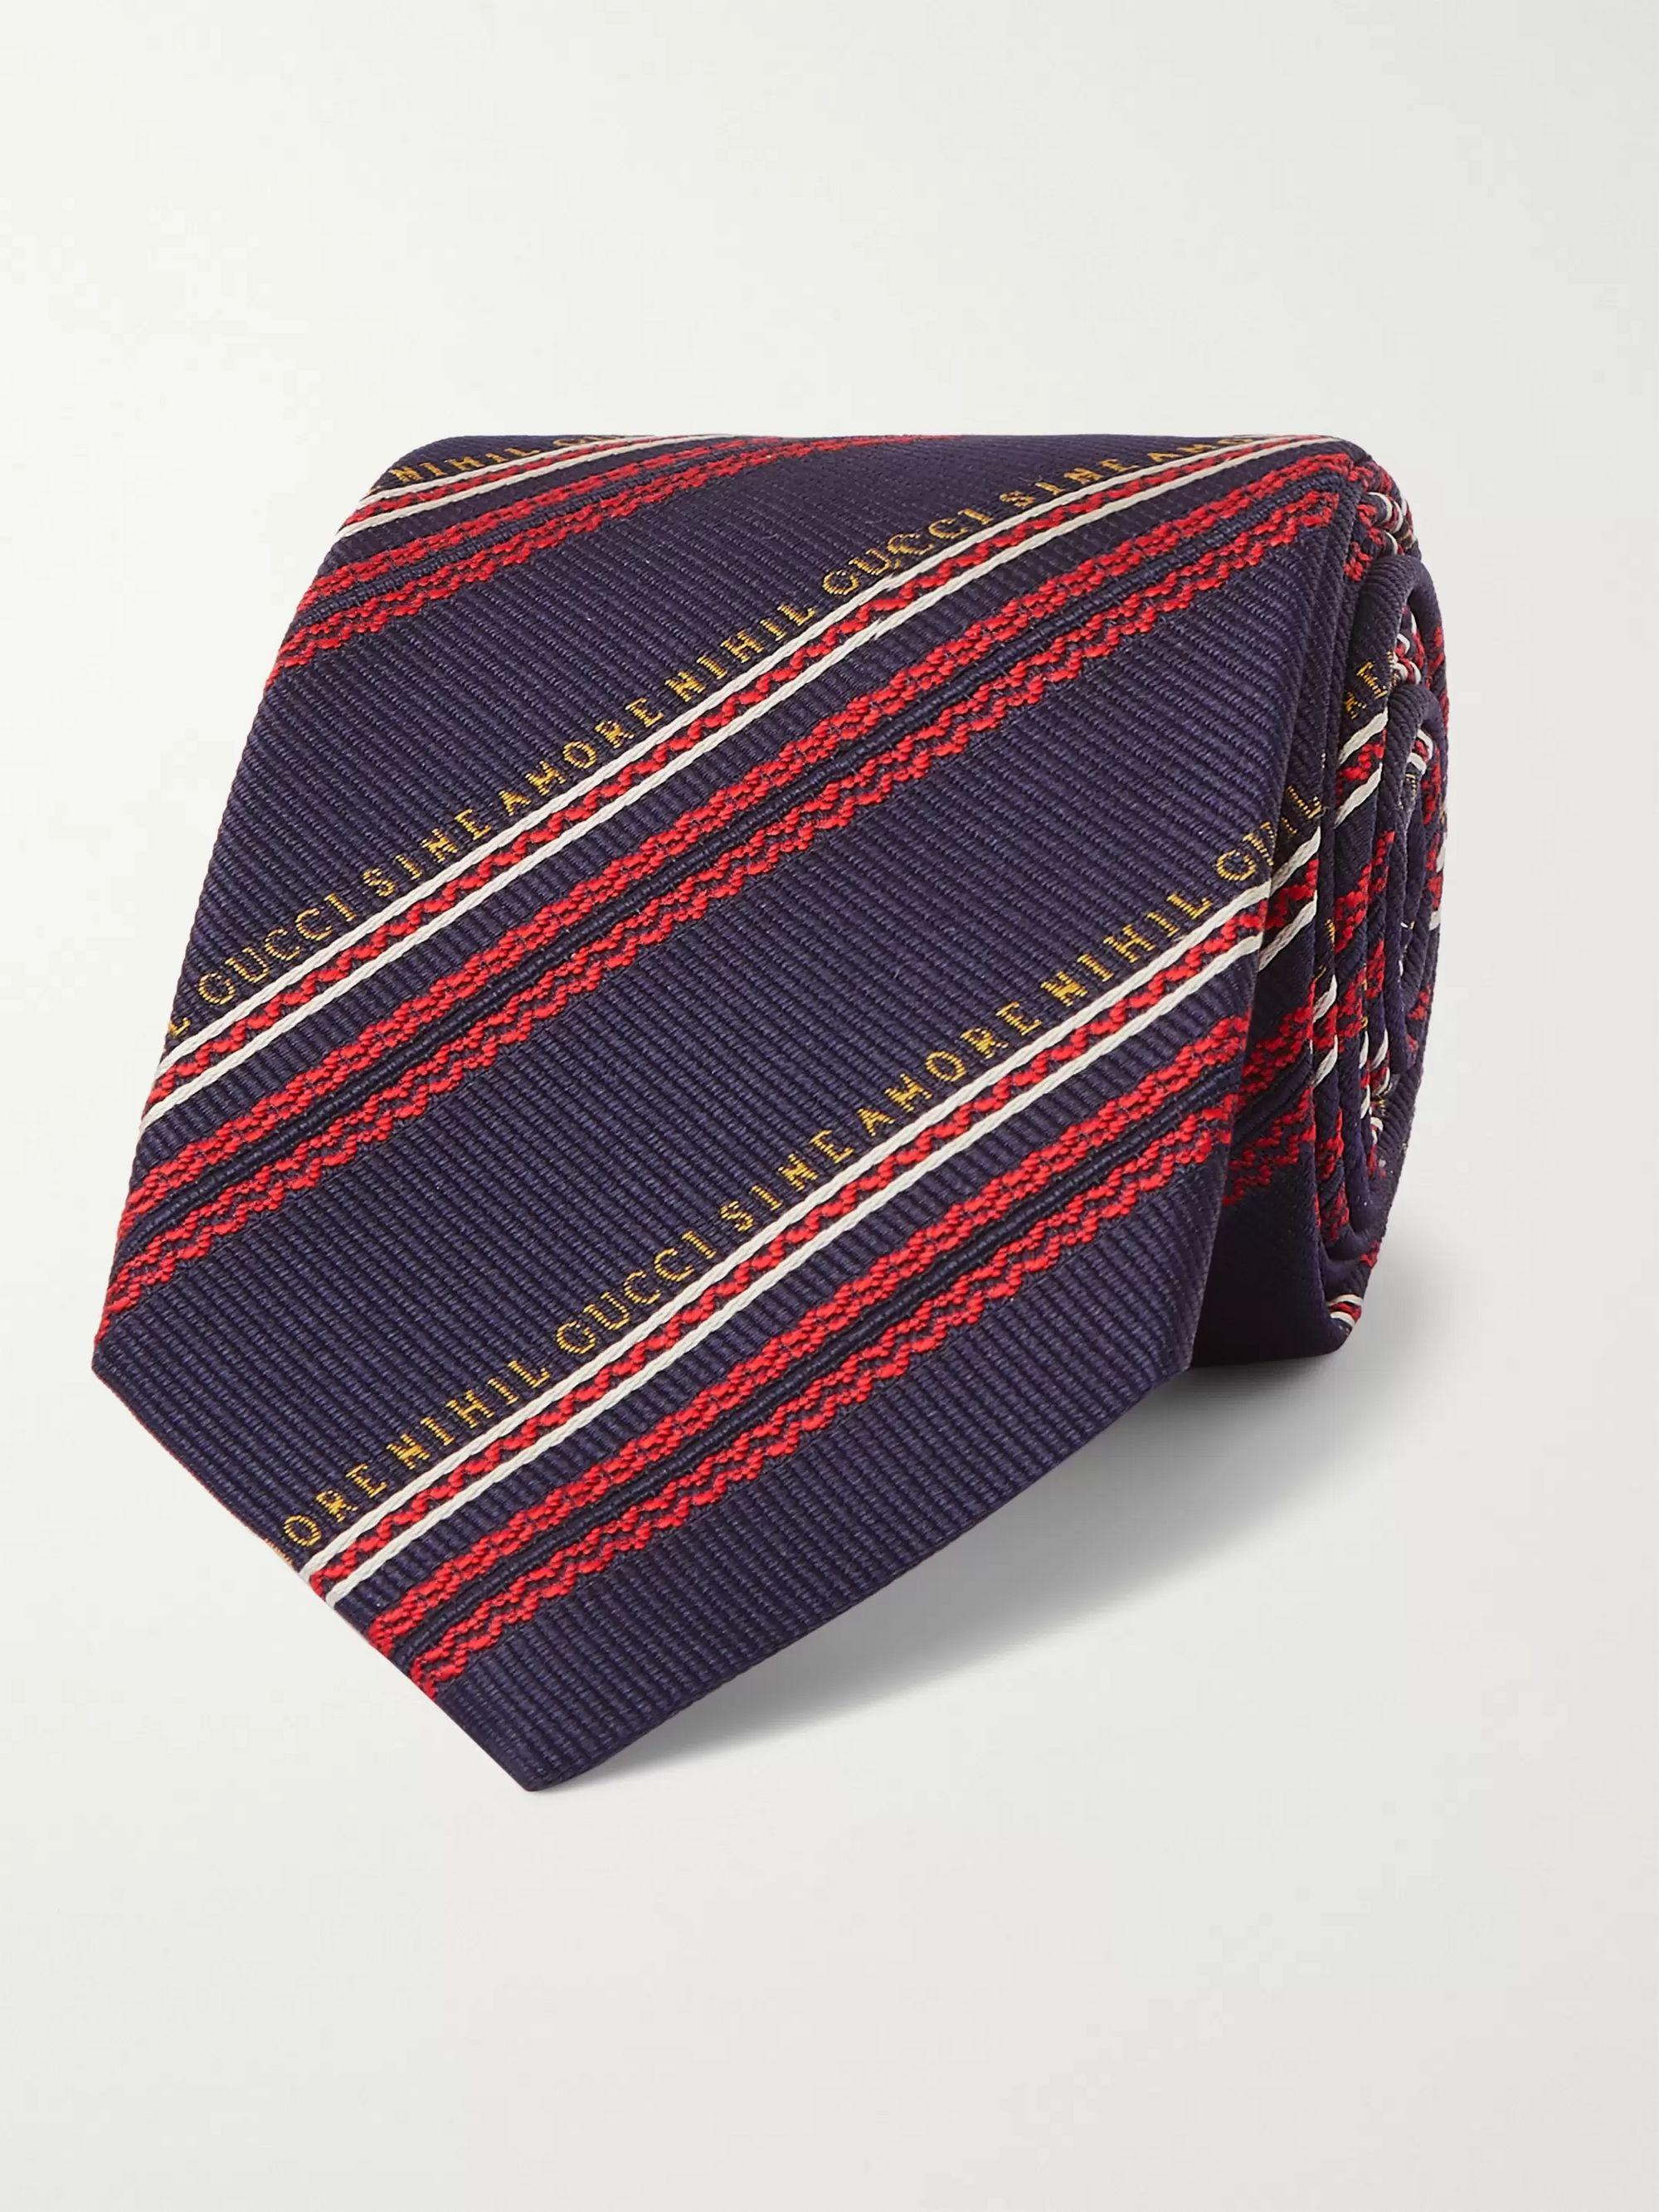 구찌 넥타이 Gucci 7.5cm Striped Silk and Wool-Blend Jacquard Tie,Blue